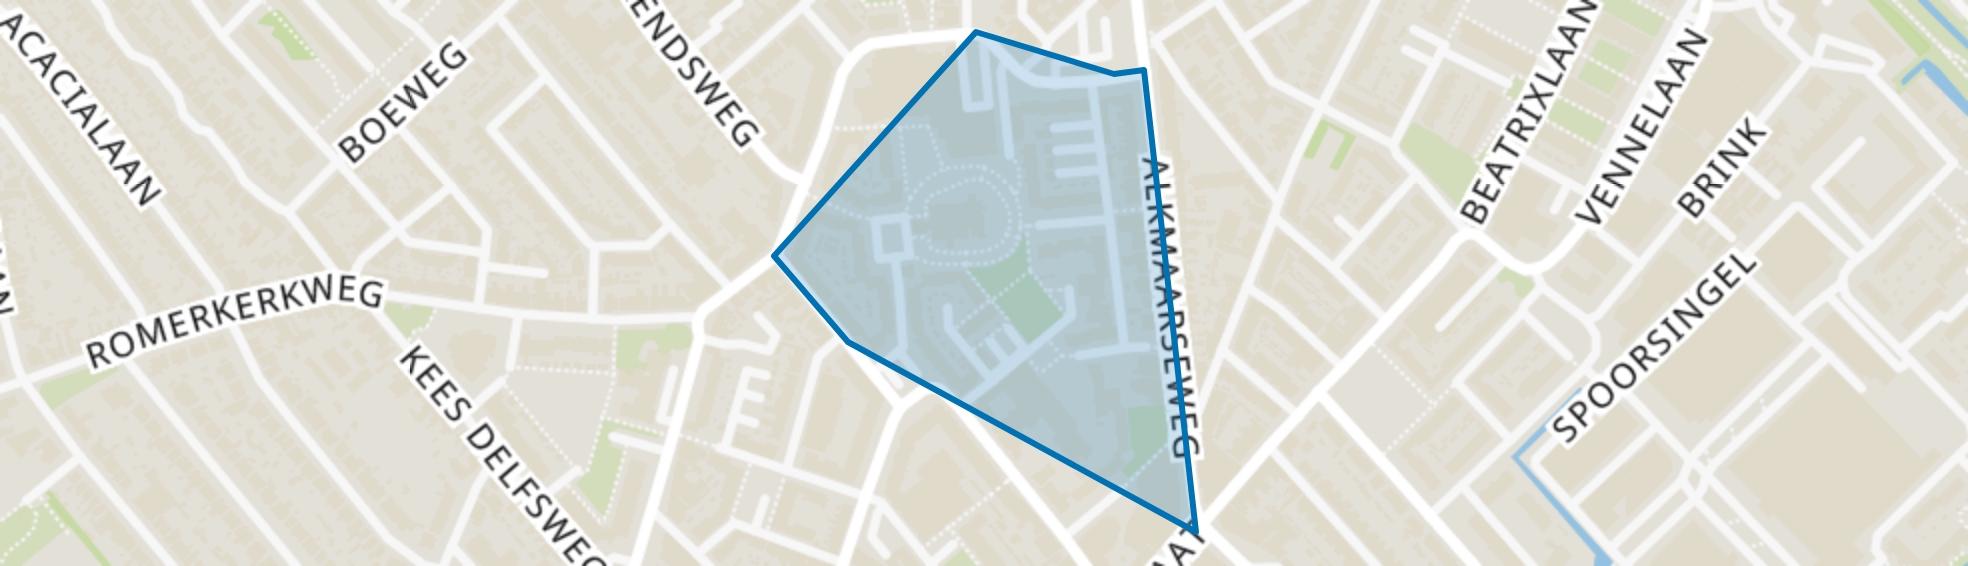 Wijkertoren, Beverwijk map